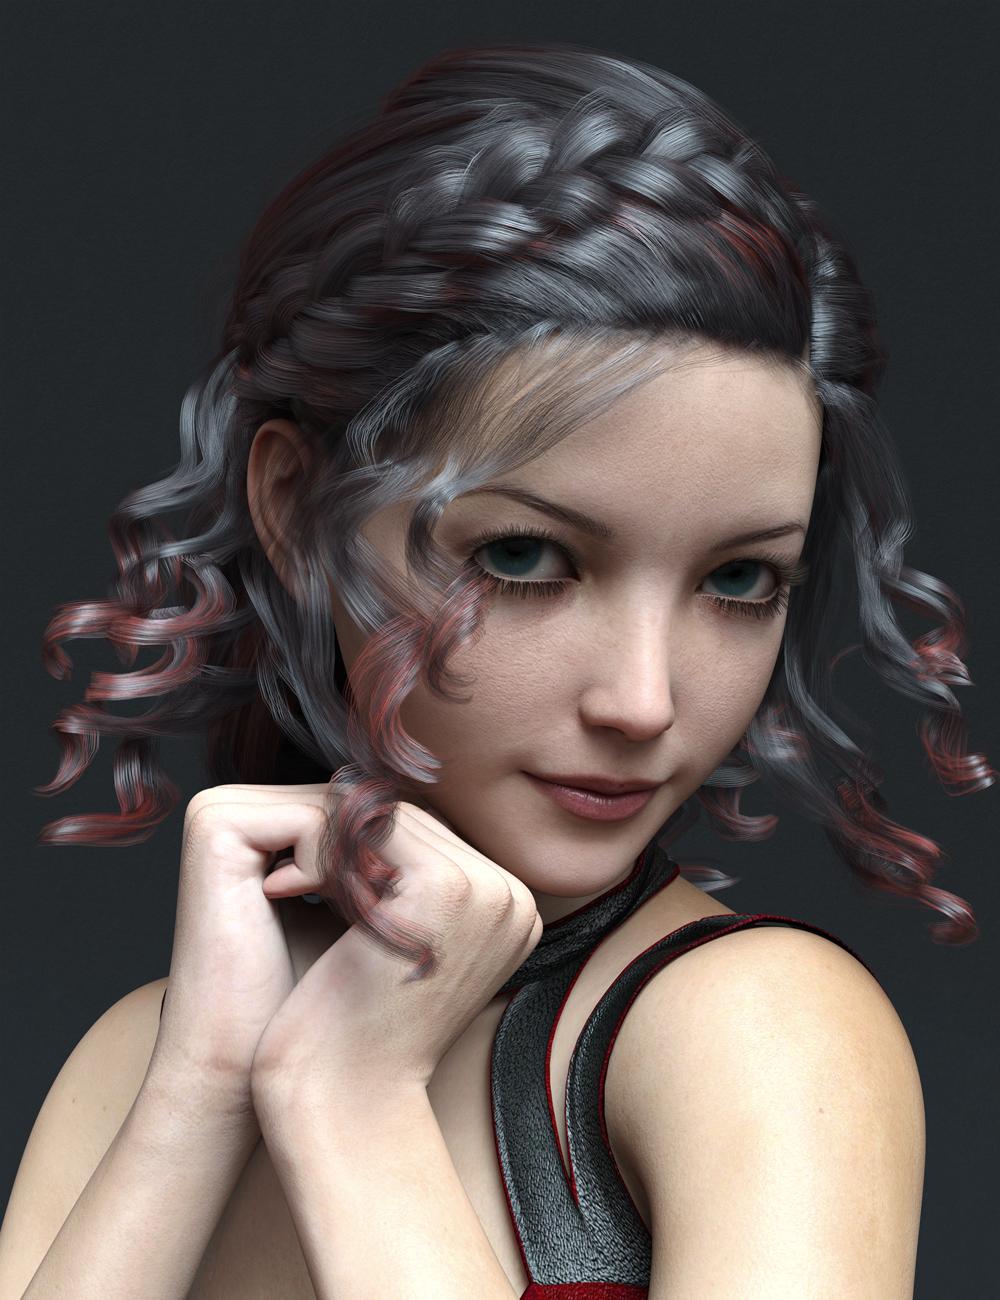 MR Rhoanita for Genesis 8.1 Female by: Marcius, 3D Models by Daz 3D